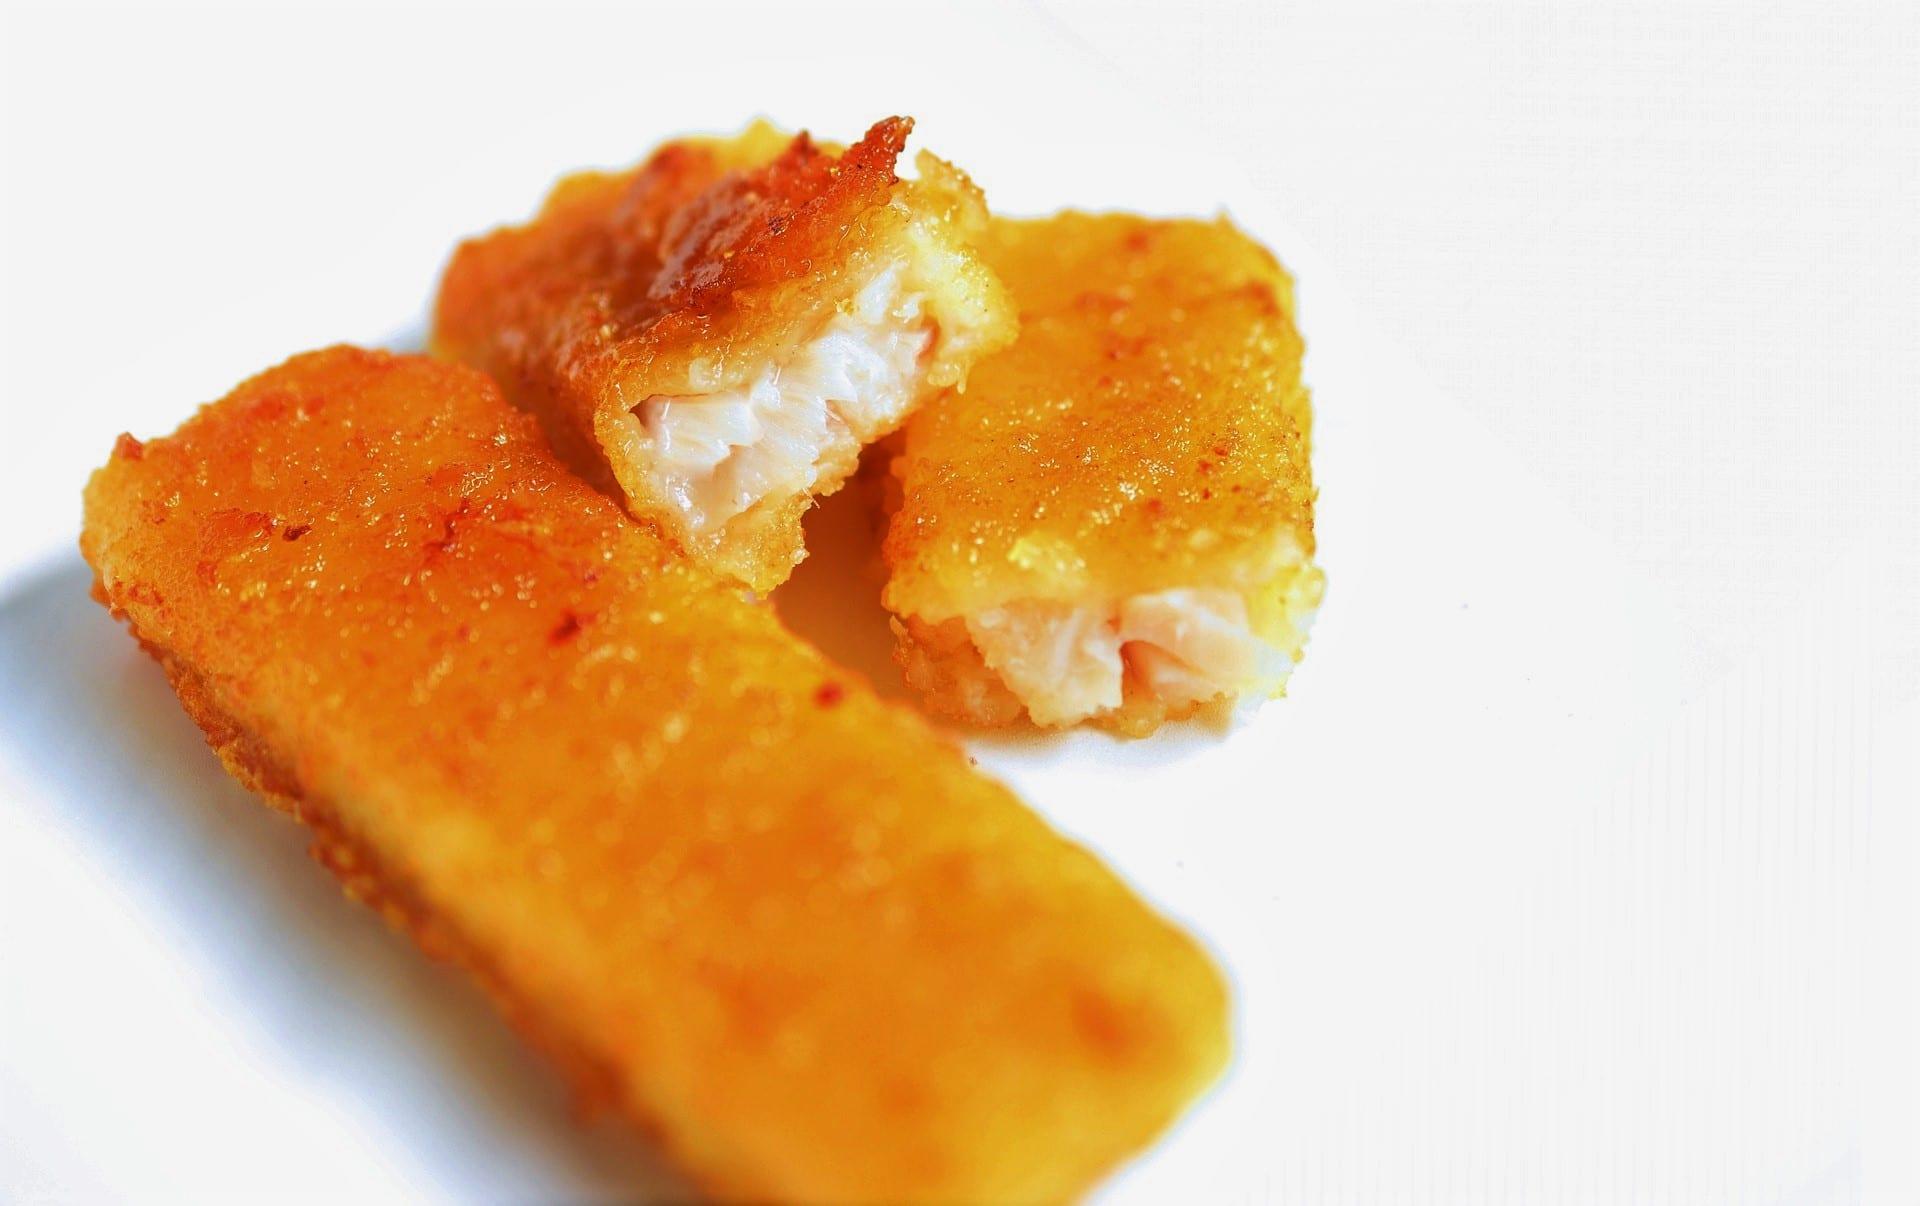 Fischstäbchen Familienküche Kochen Wochenplan Speiseplan